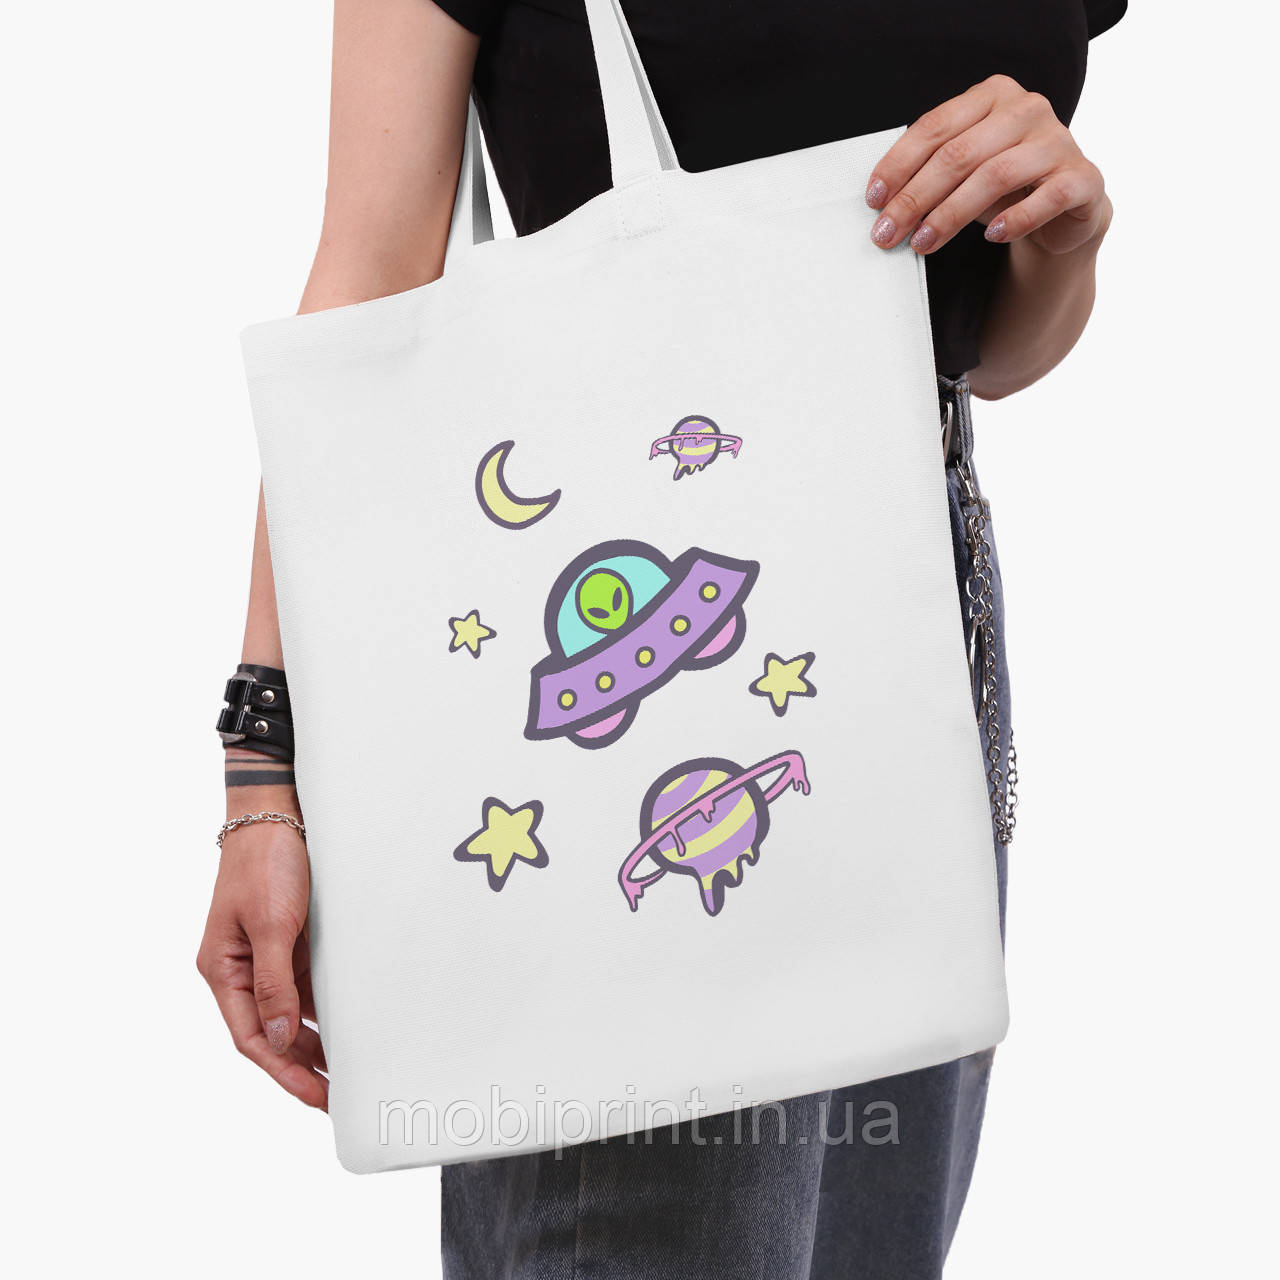 Эко сумка шоппер белая Инопланетяни в космосе (Aliens in space) (9227-2854-3)  41*35 см